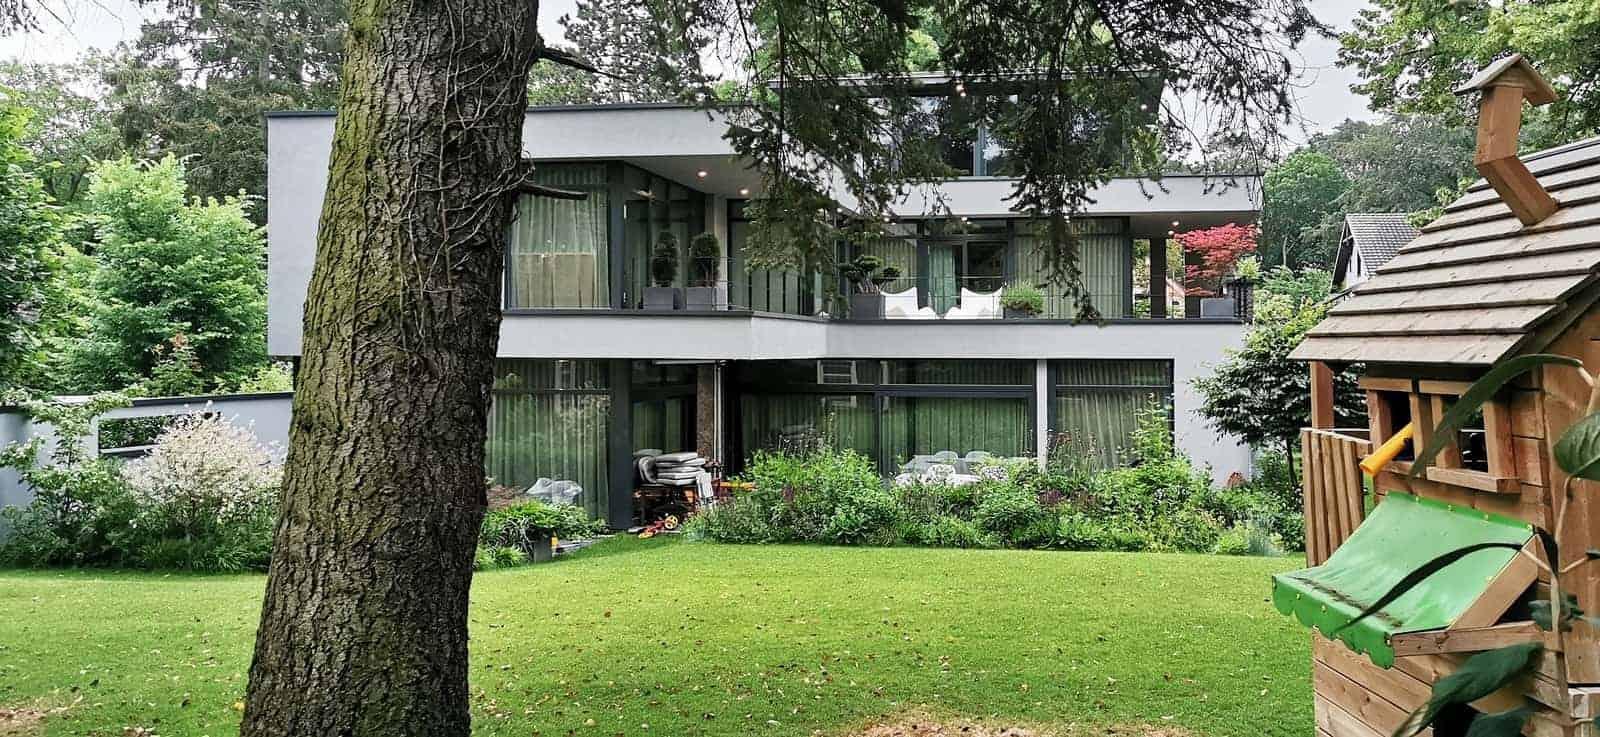 Wohnhaus mit Flachdach